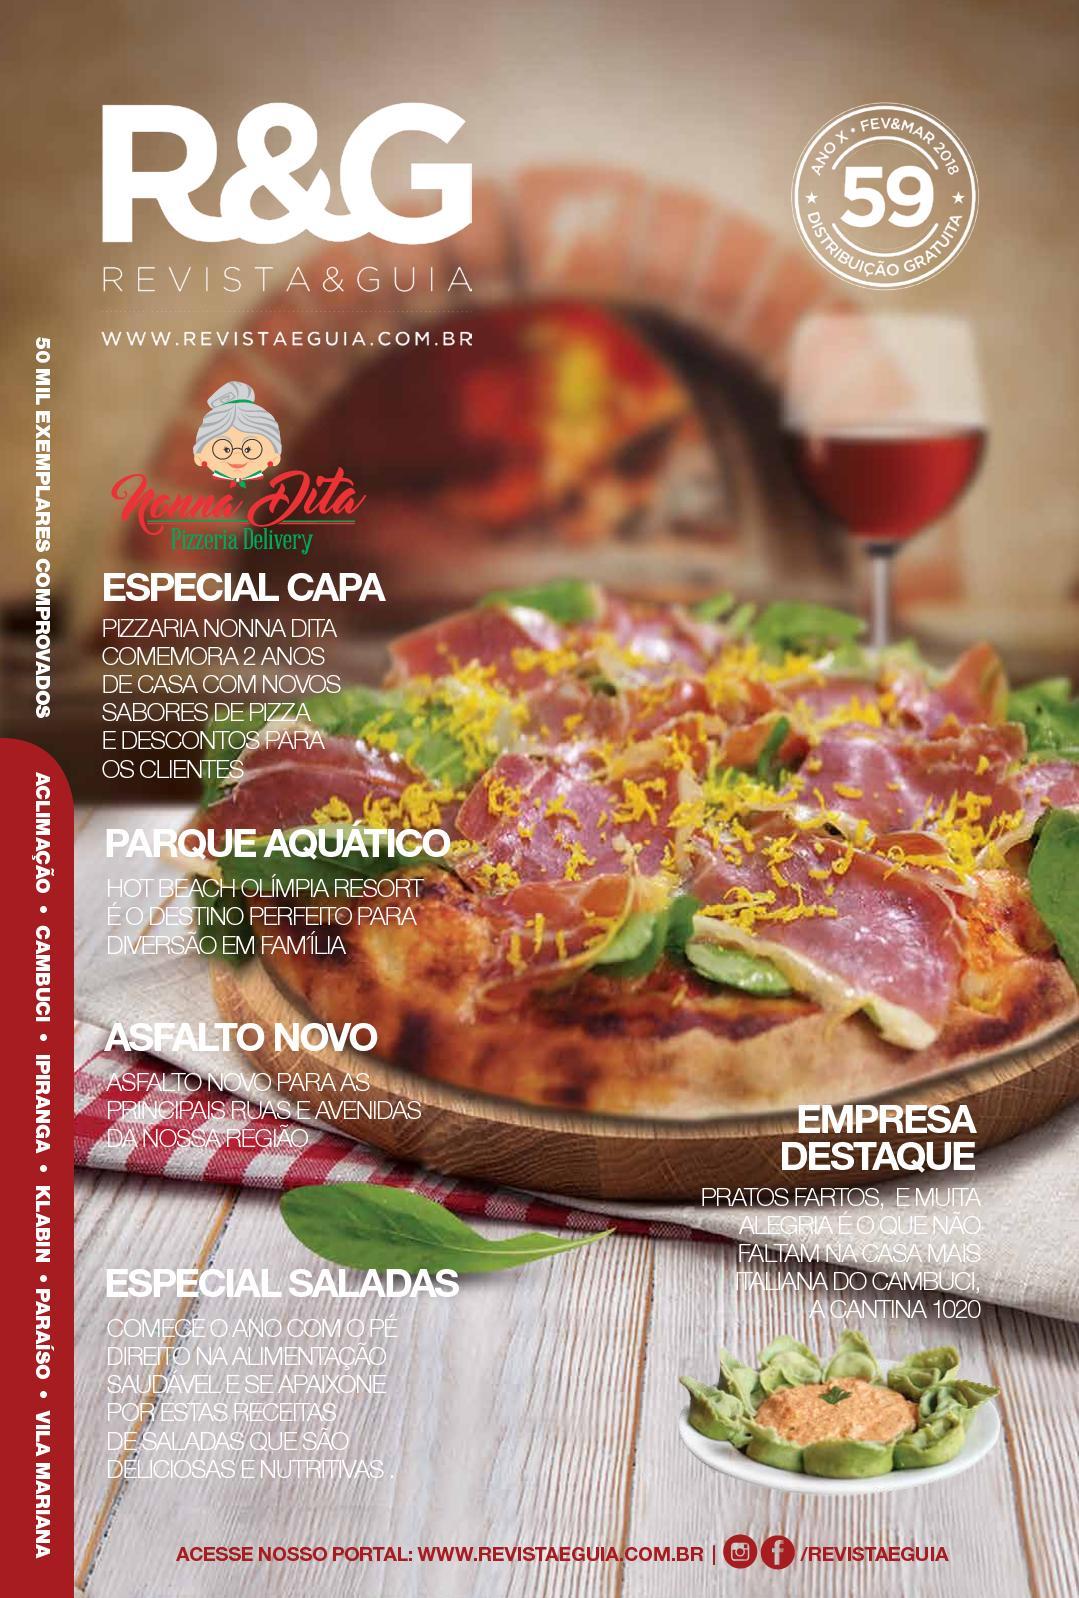 Calaméo - Revista Guia  1b61b80618d